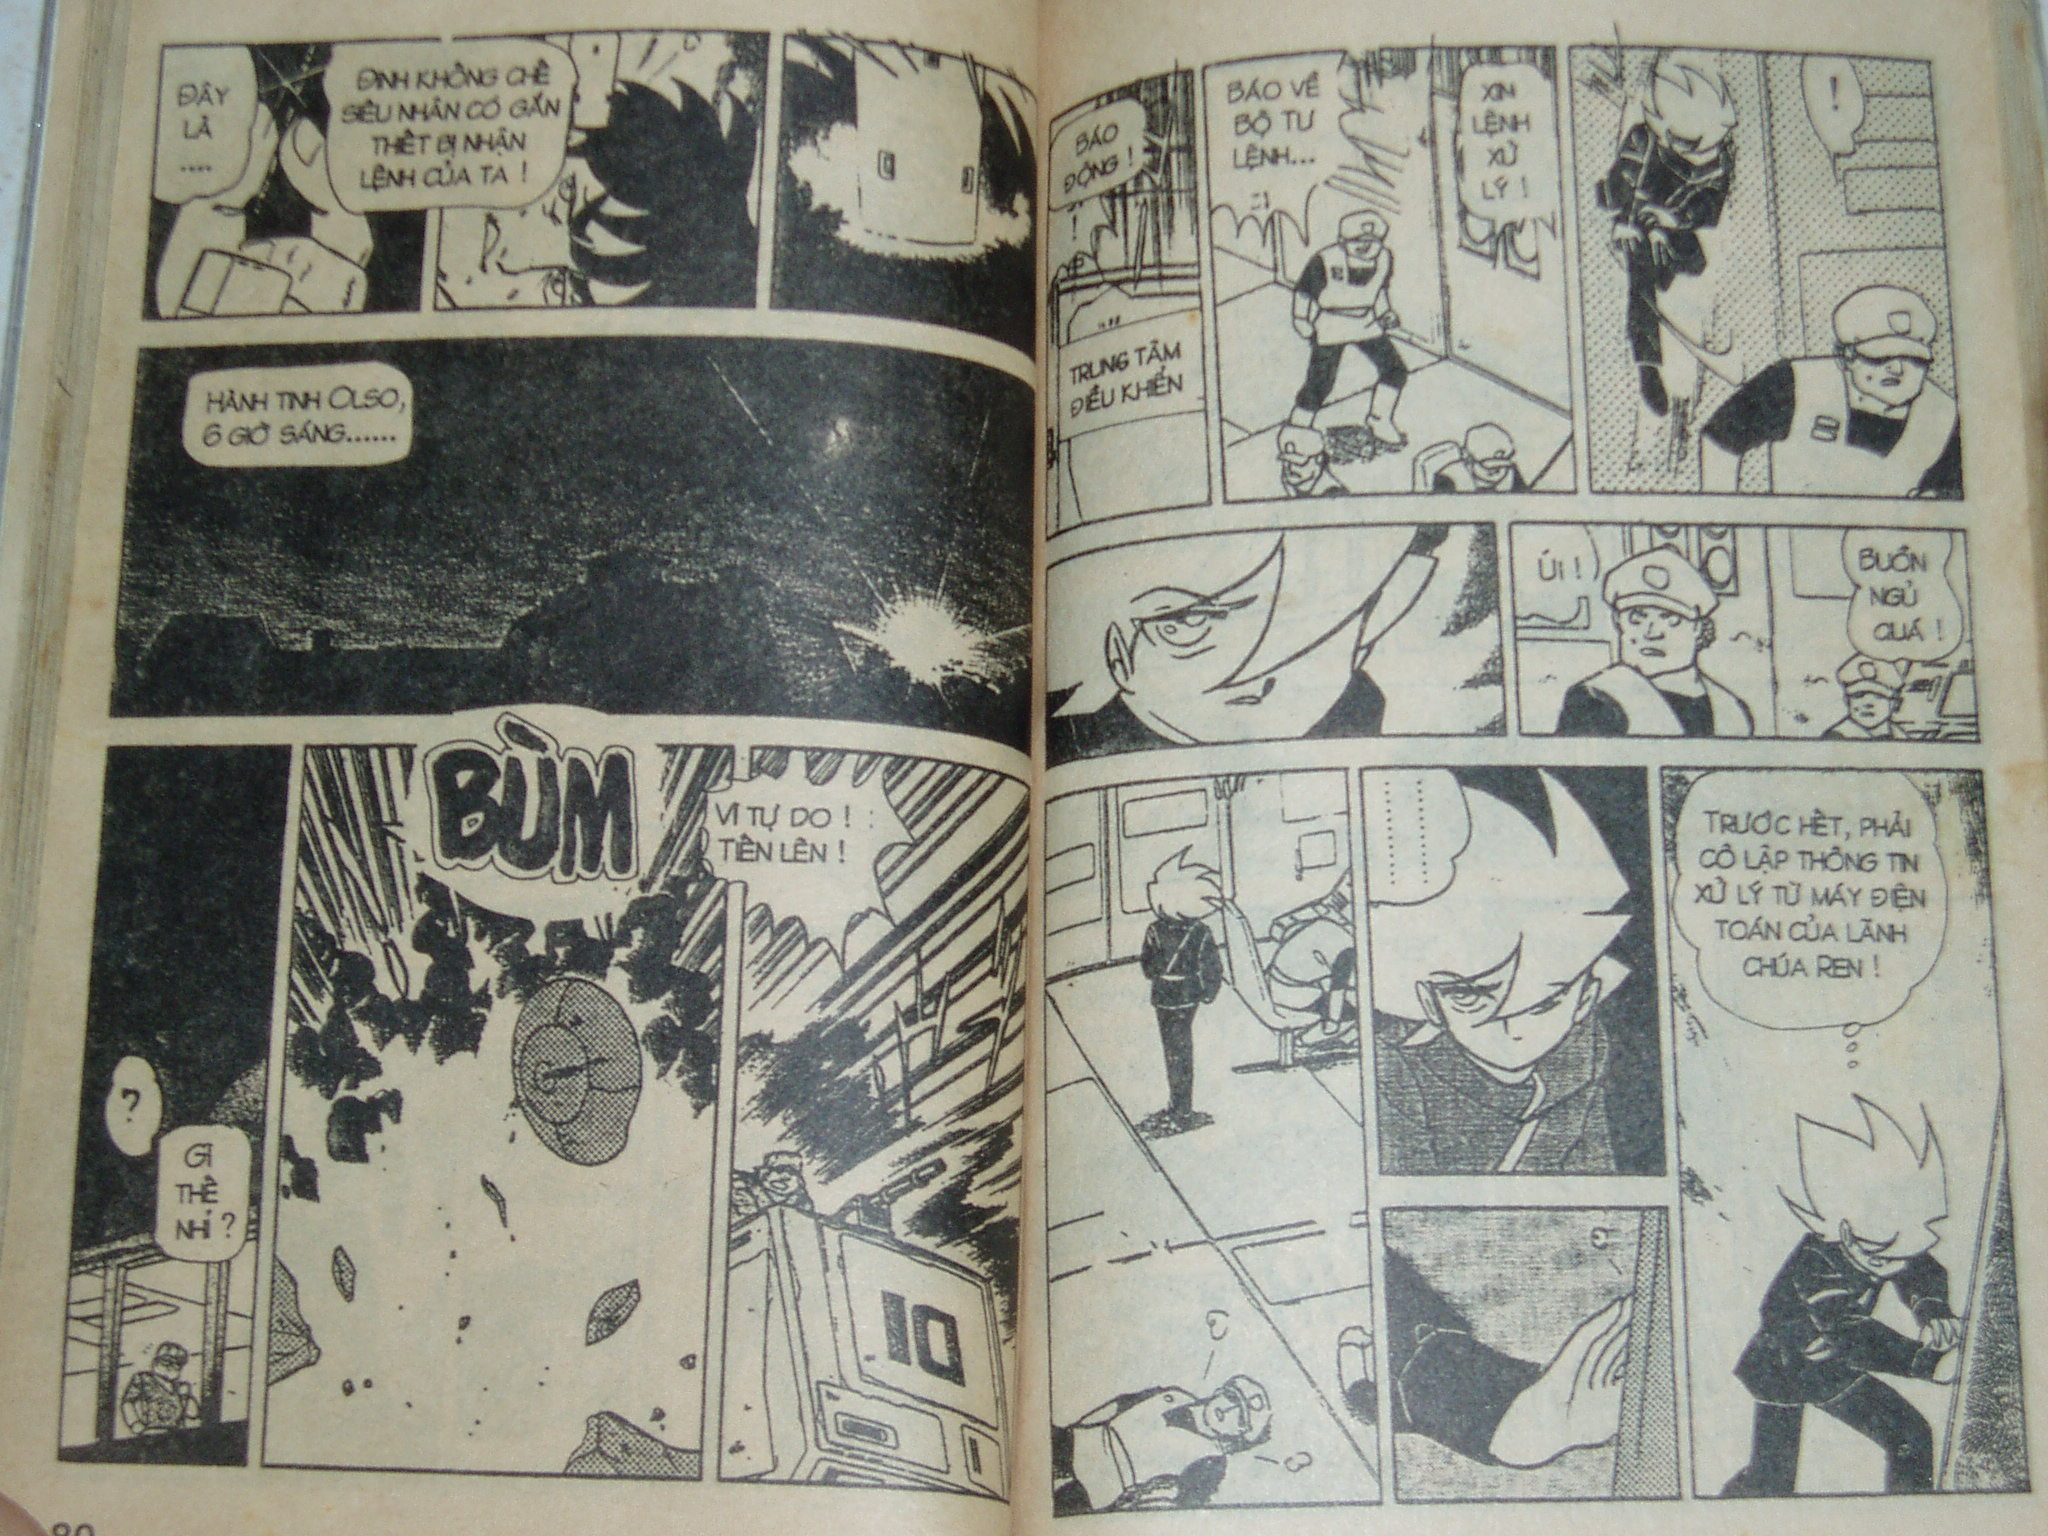 Siêu nhân Locke vol 18 trang 39